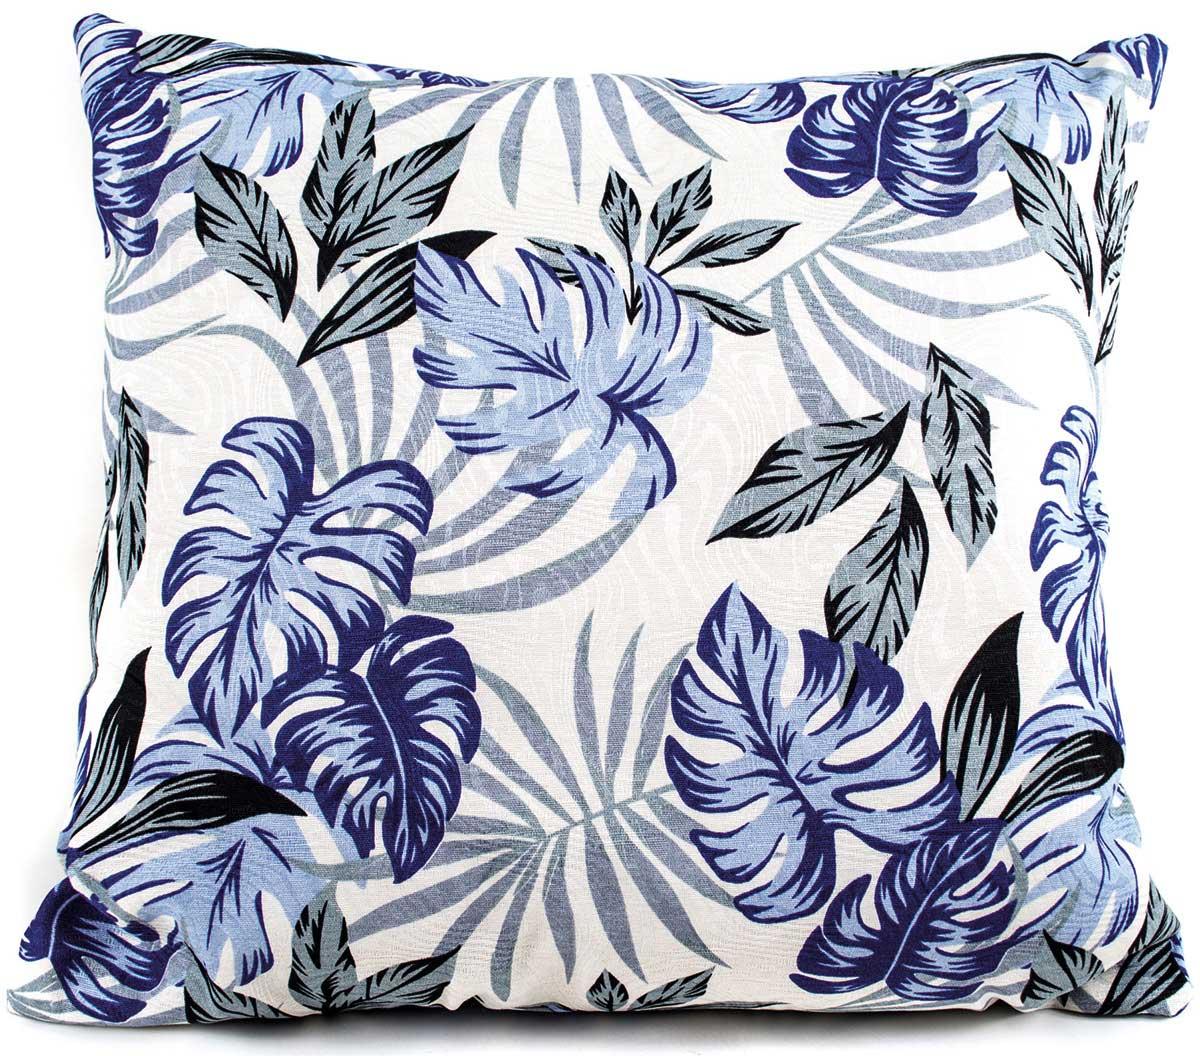 Capa de Almofada Molinara  Floral Azul com 1 peças em